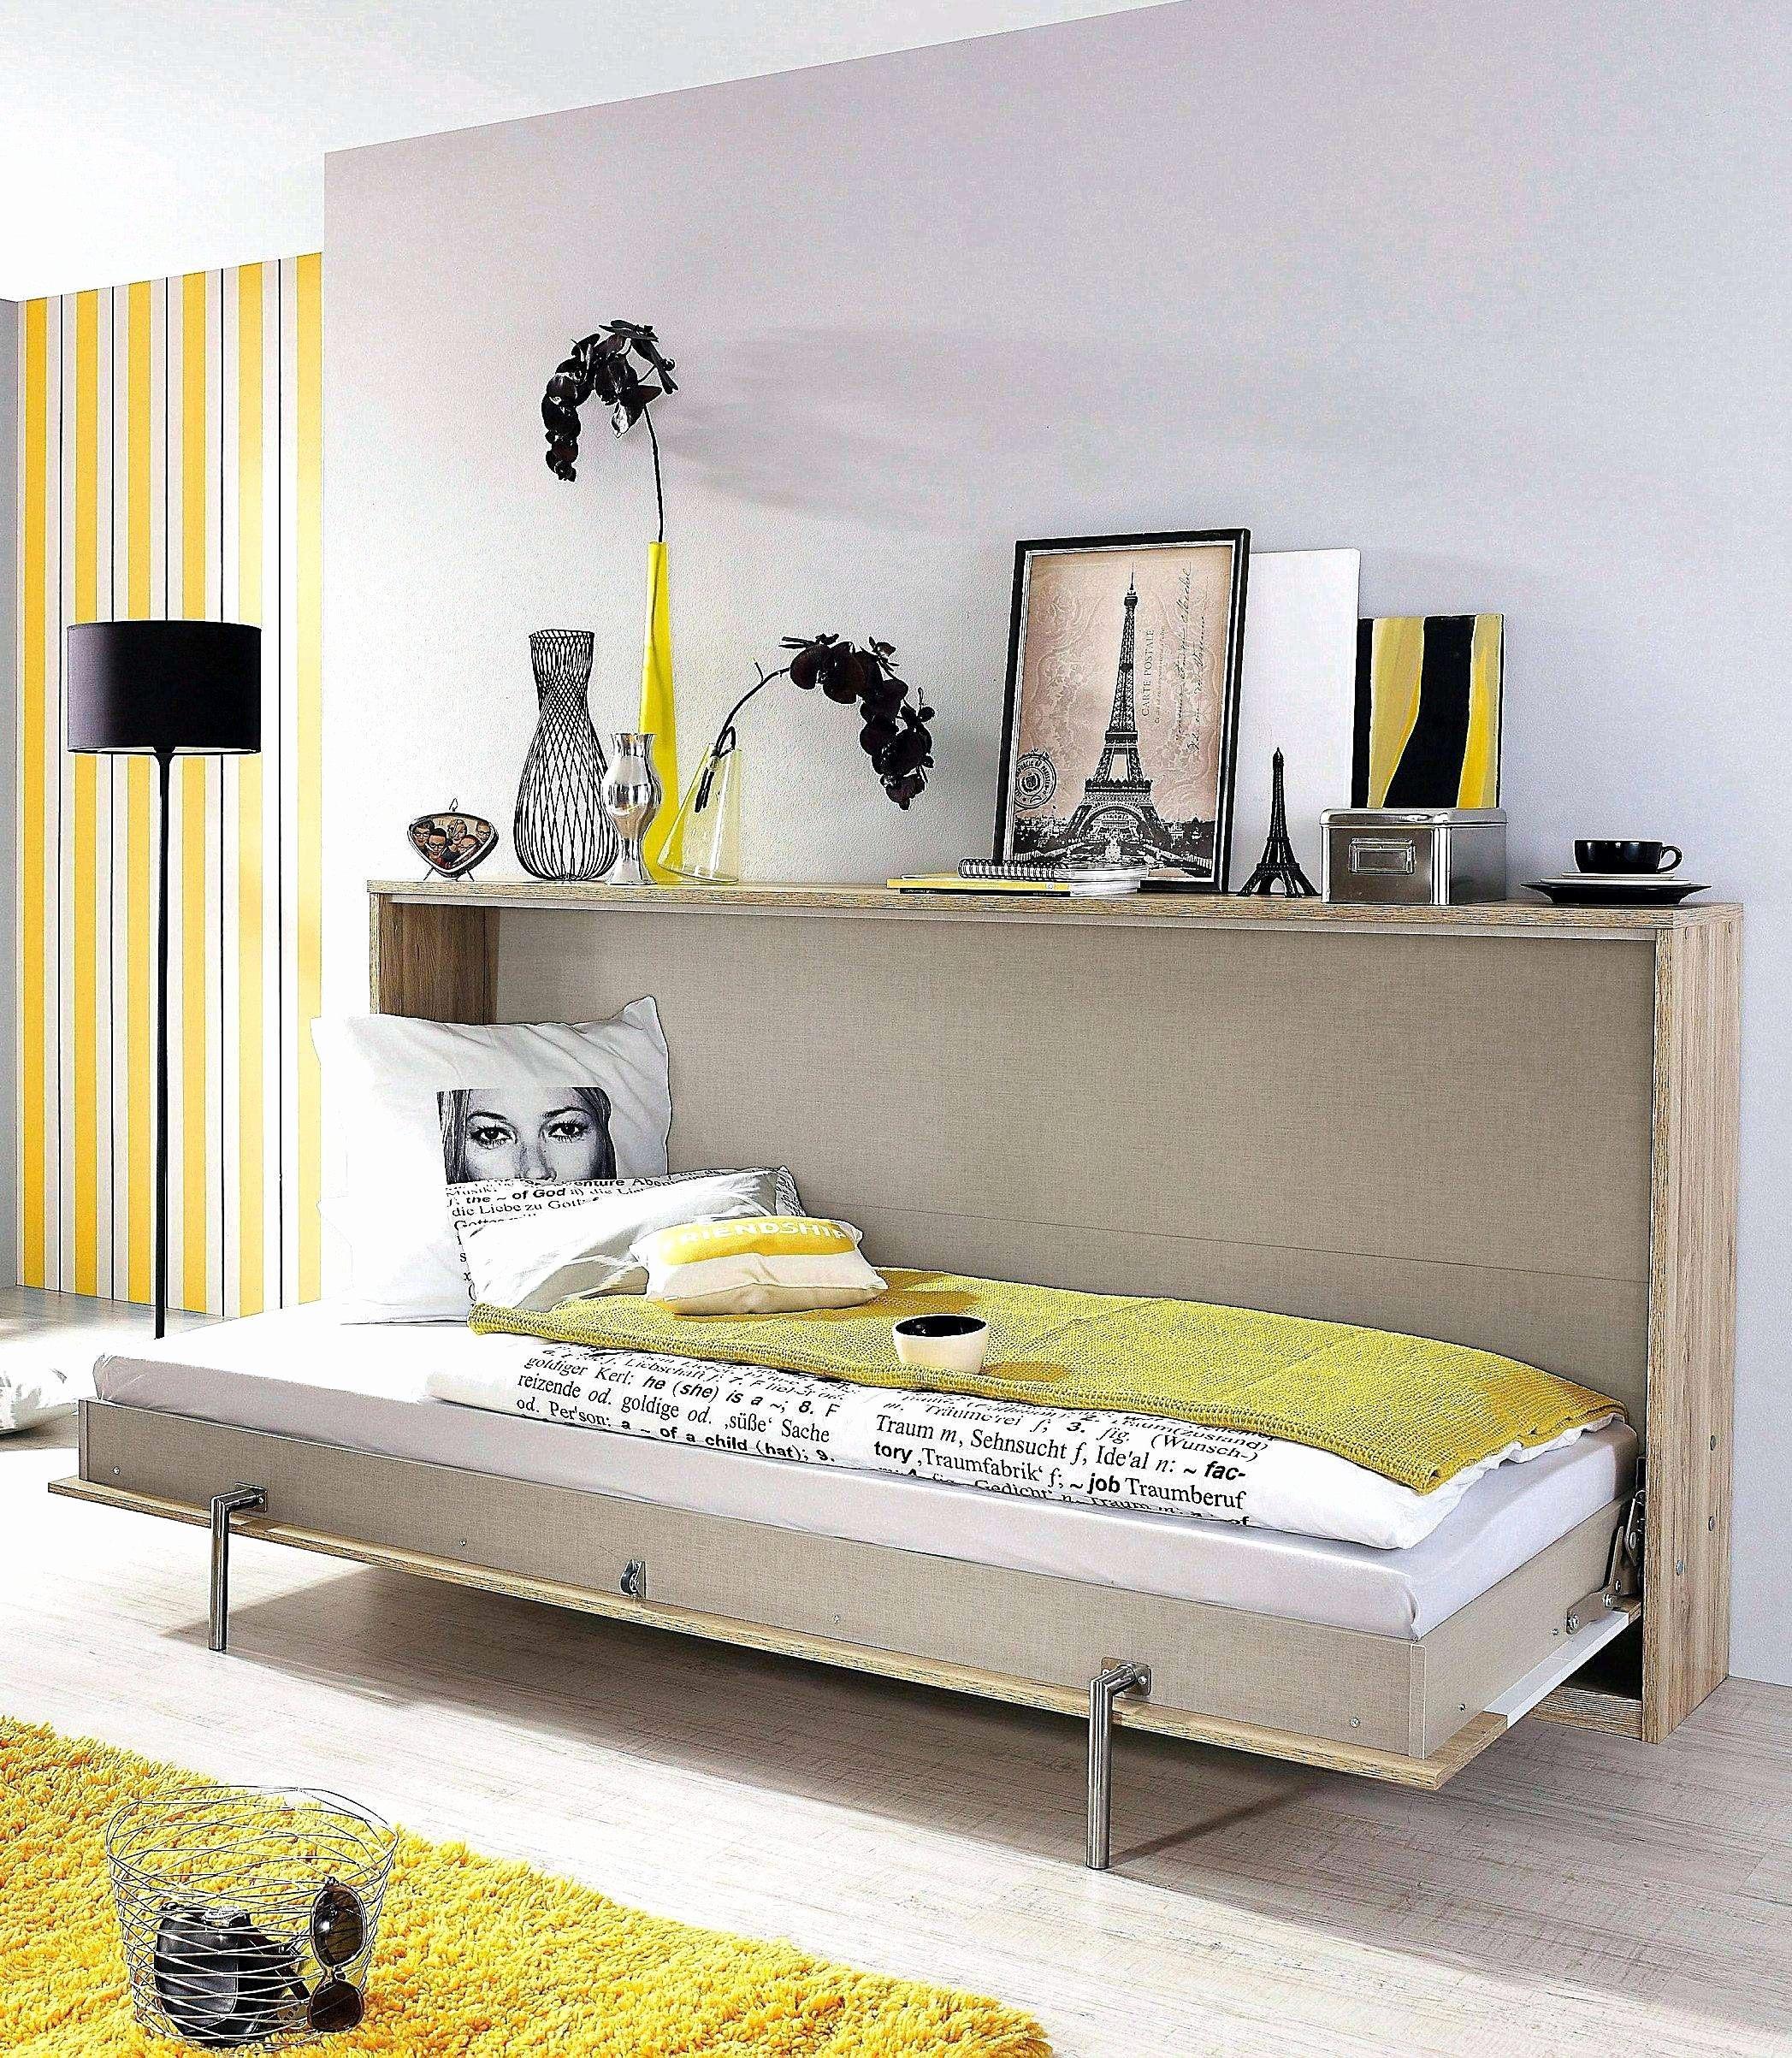 Lit Coffre 160×200 Ikea Beau Lit Coffre Blanc 160—200 Meilleur De Mode Ikea Blanche Frais Lit